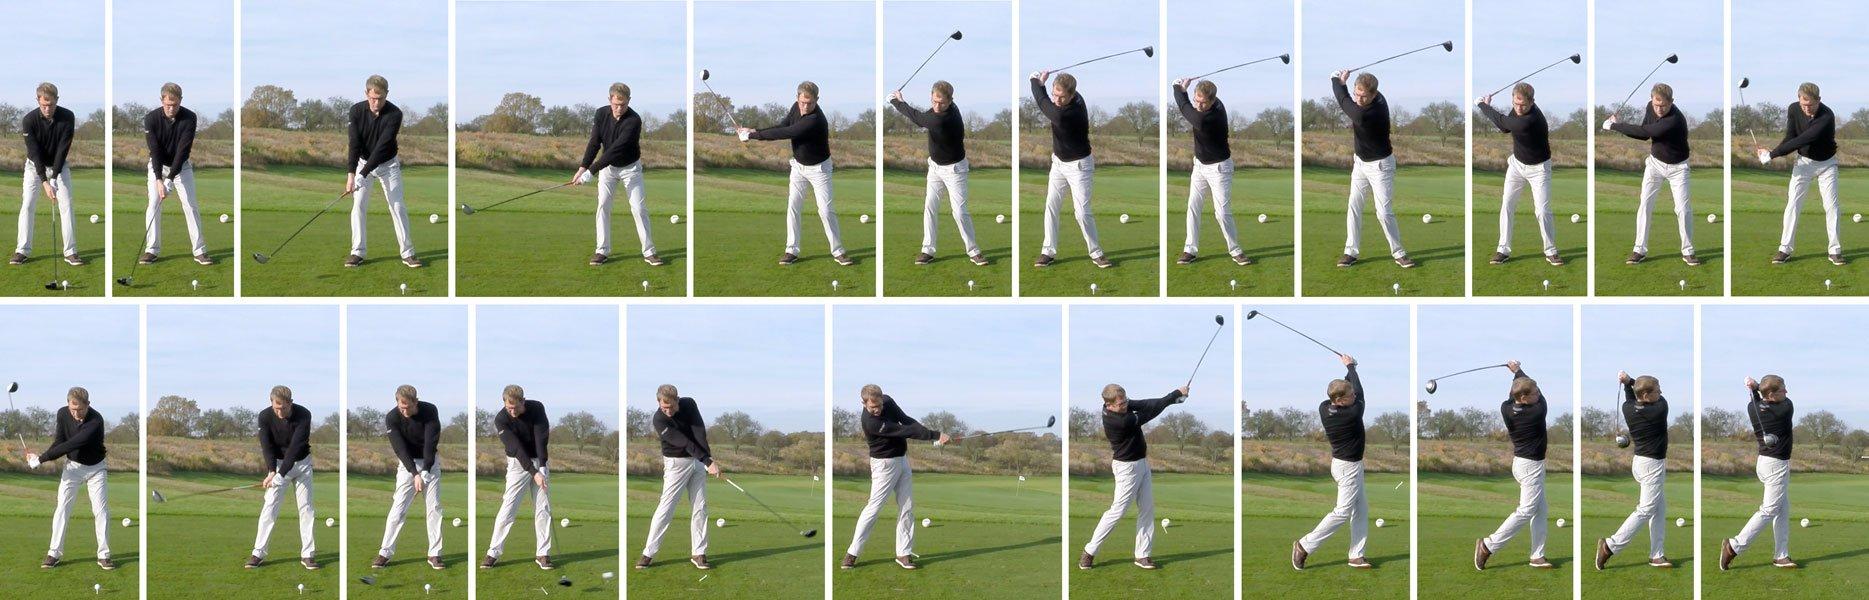 Abschlag mit dem Driver (Golfschwung)